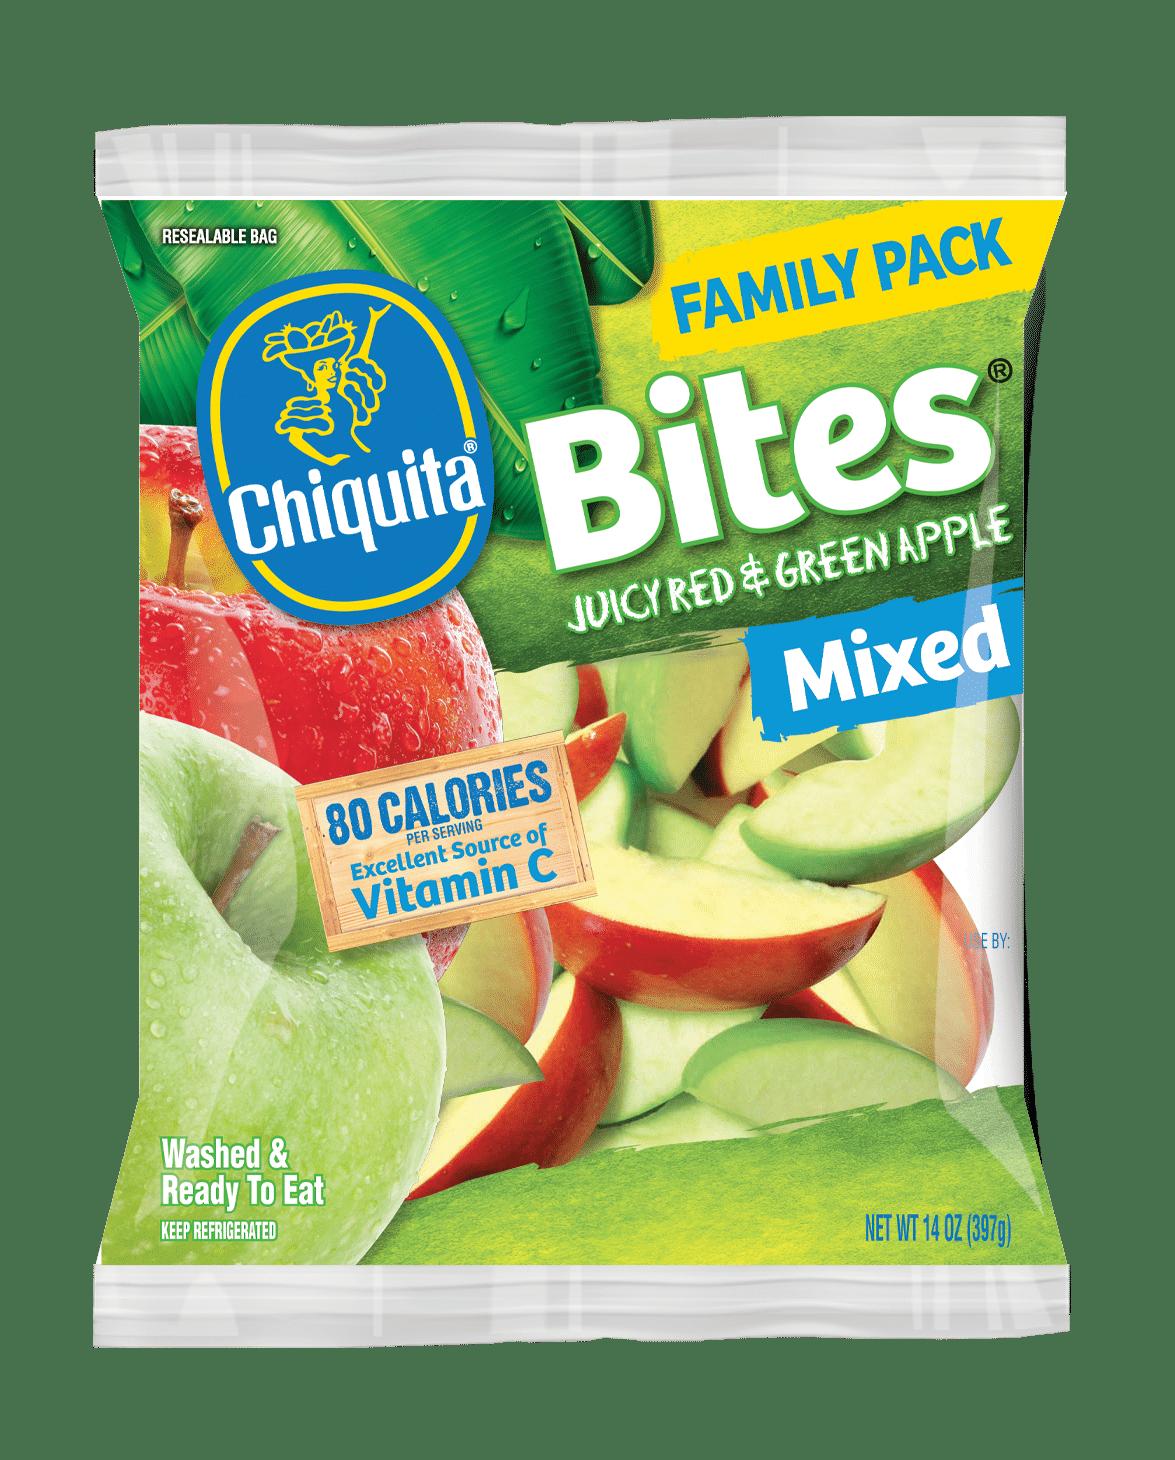 Red & Green Apple Bites Family Pack